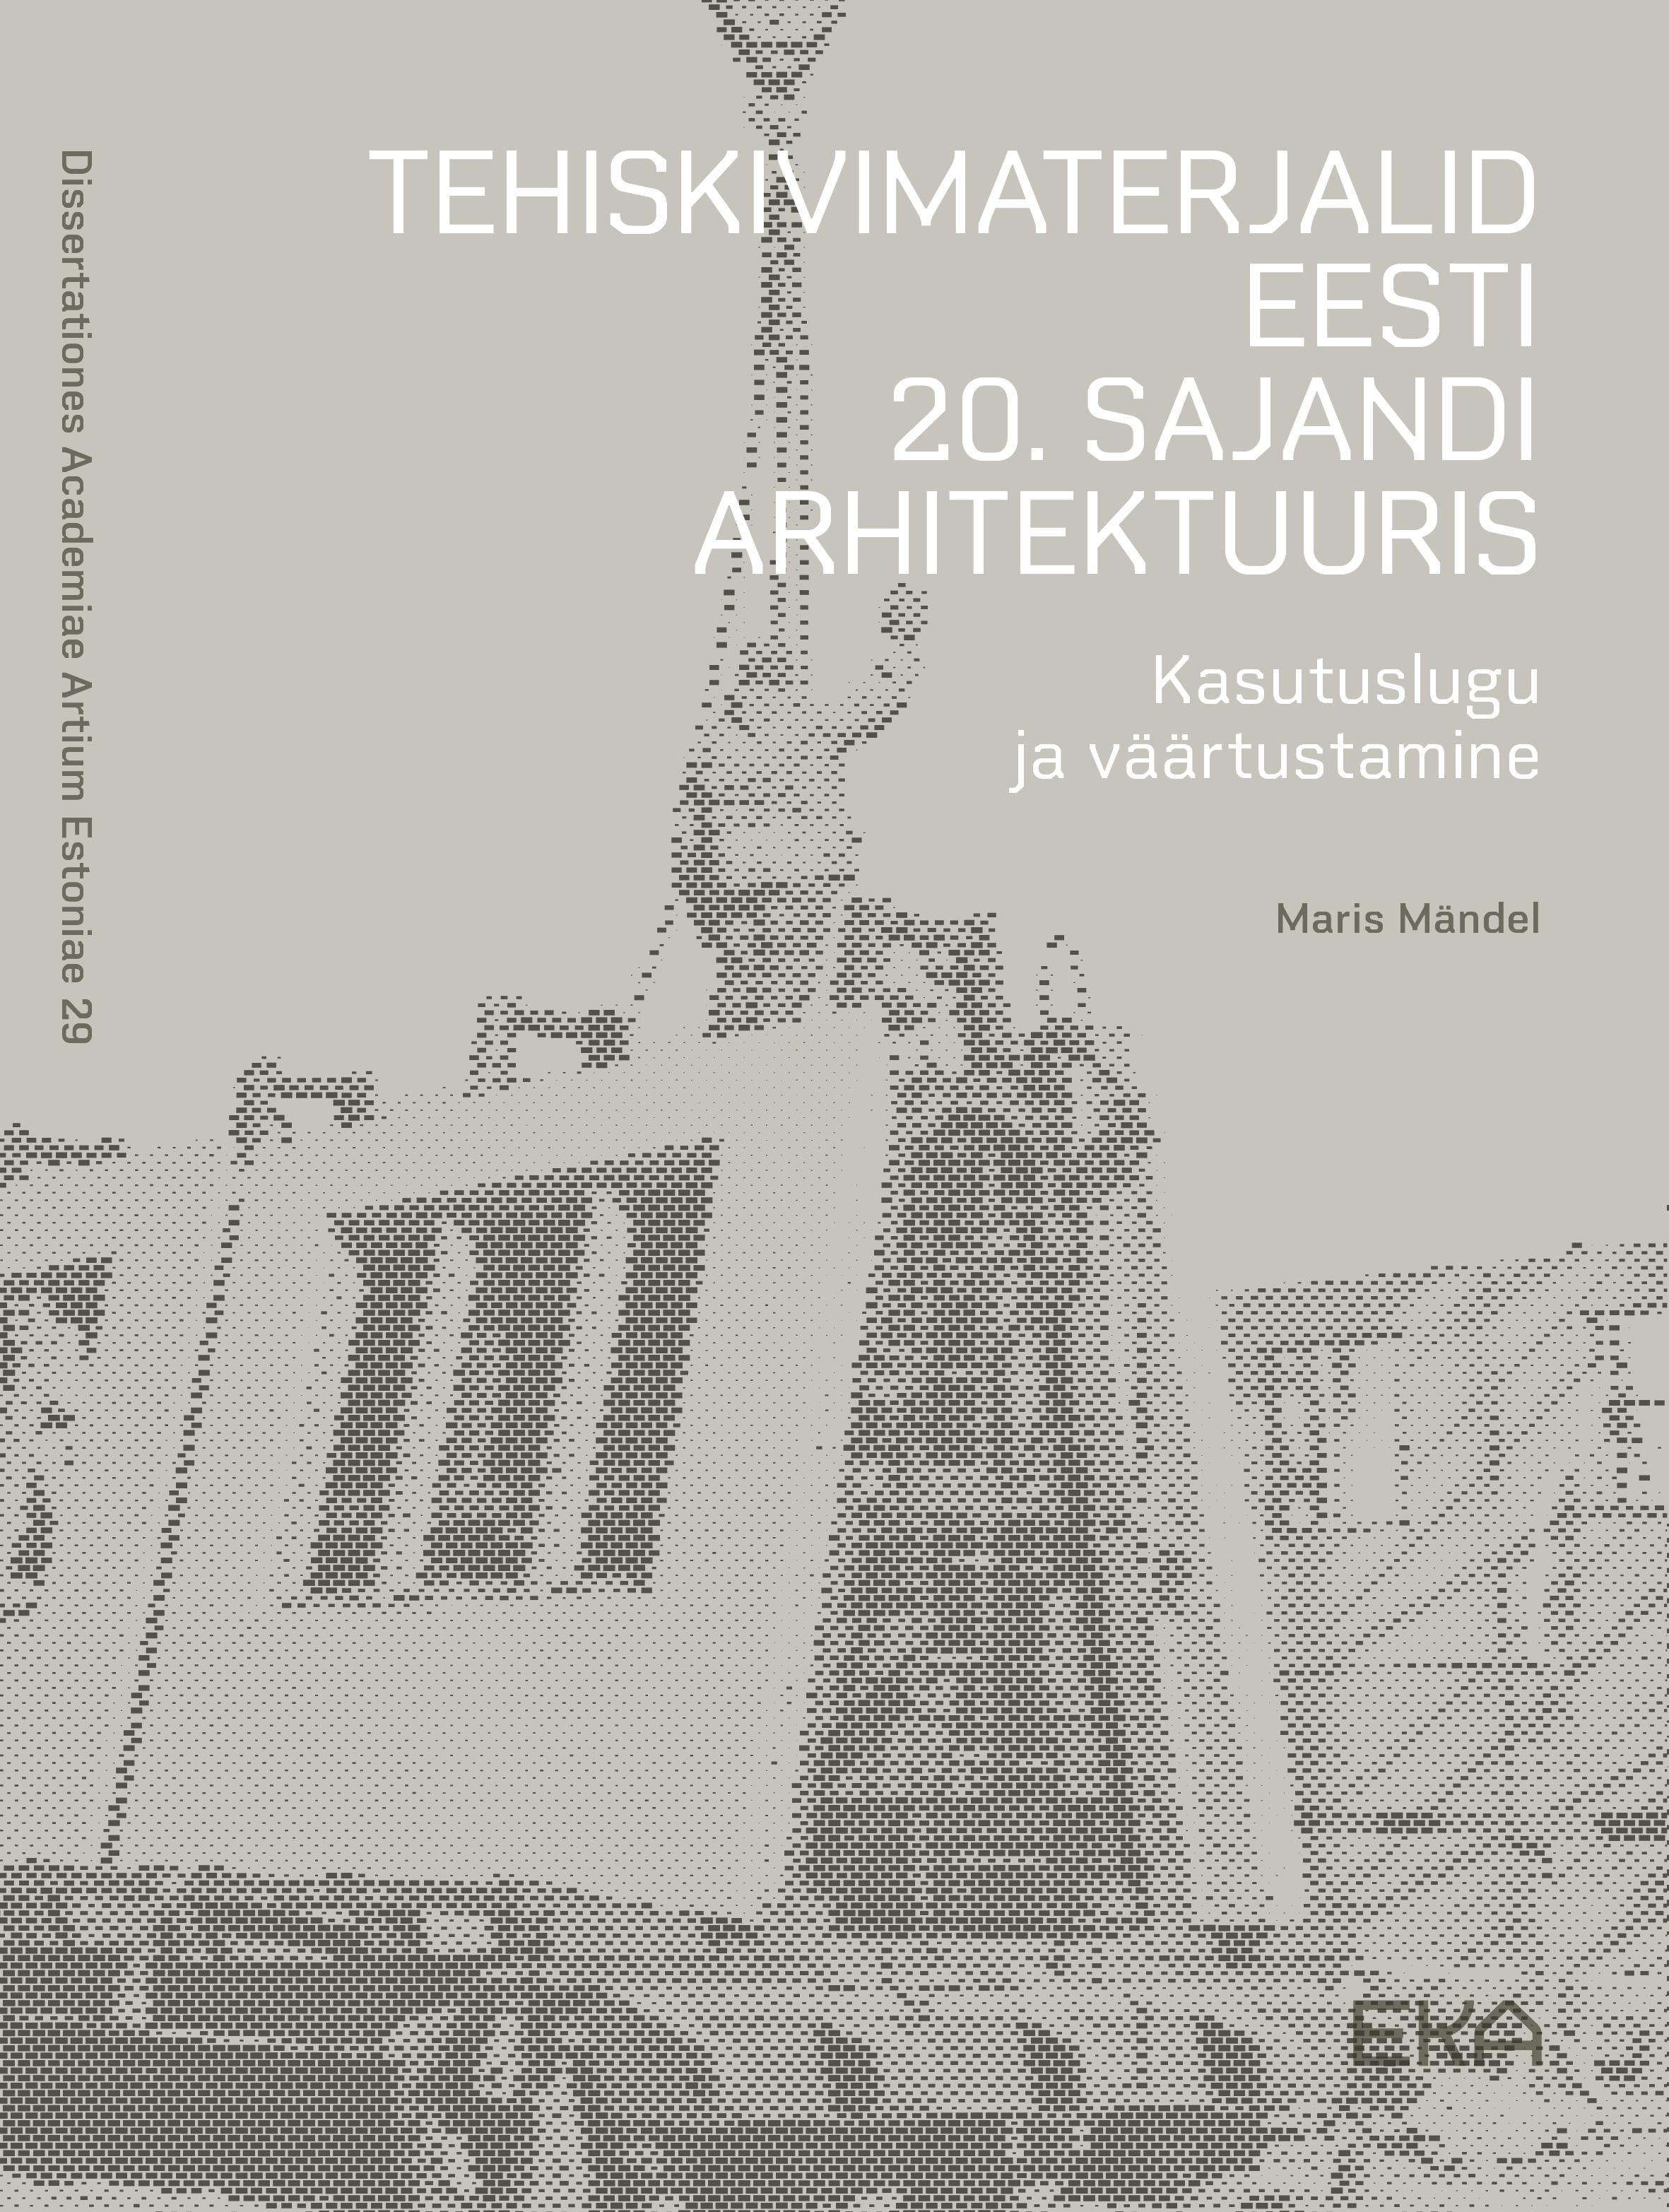 Tehiskivimaterjalid eesti 20. sajandi arhitektuuris